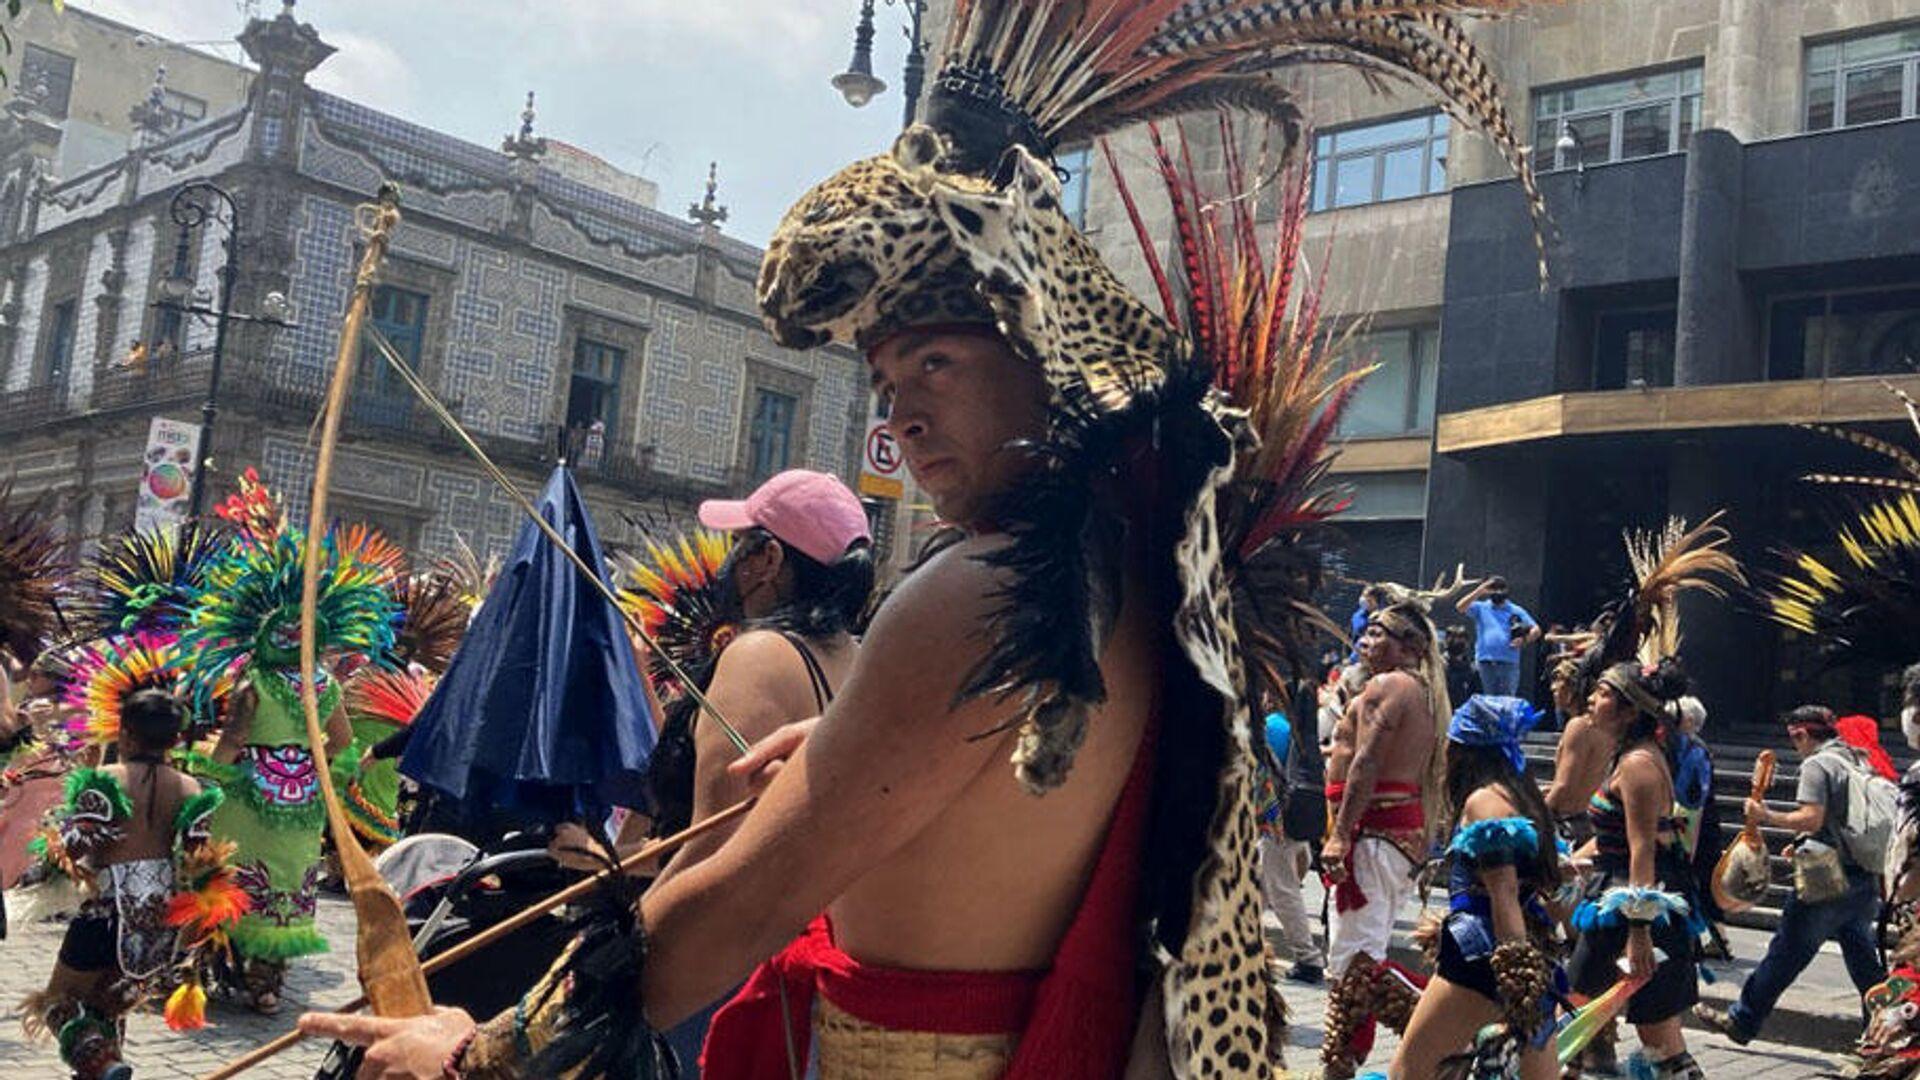 Celebración de 500 años de resistencia tenochka, Ciudad de México  - Sputnik Mundo, 1920, 15.09.2021